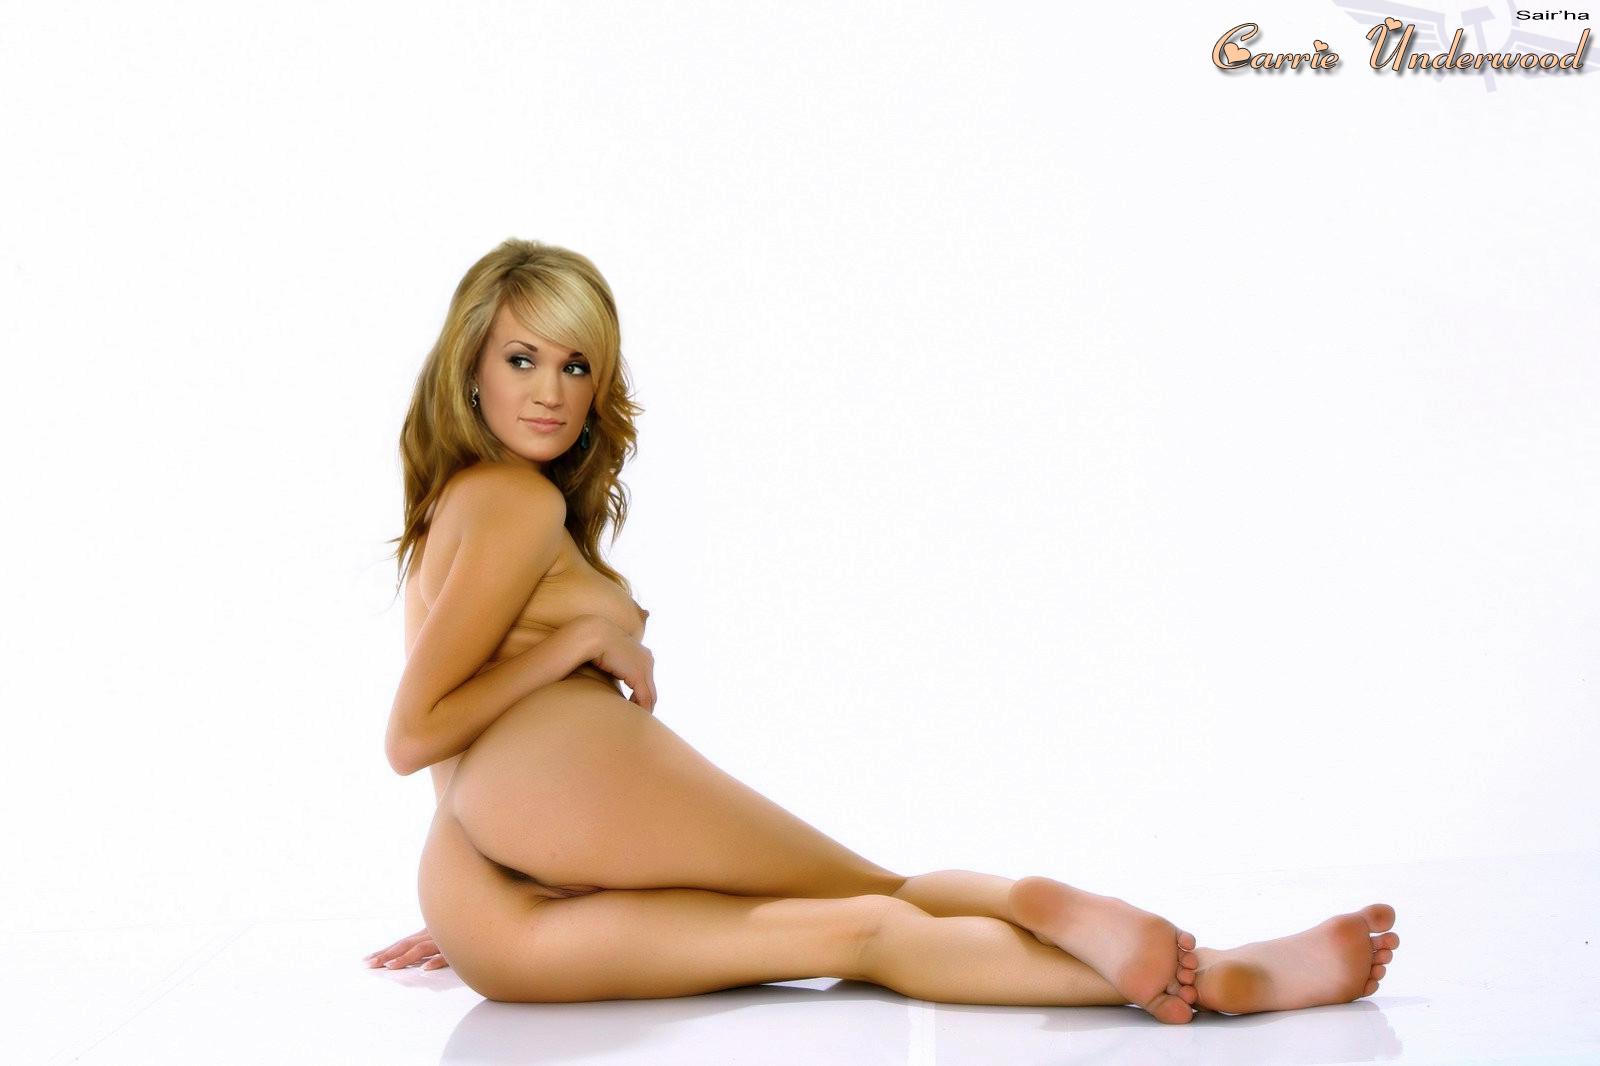 Carrie Underwood Nude Img In Gallery